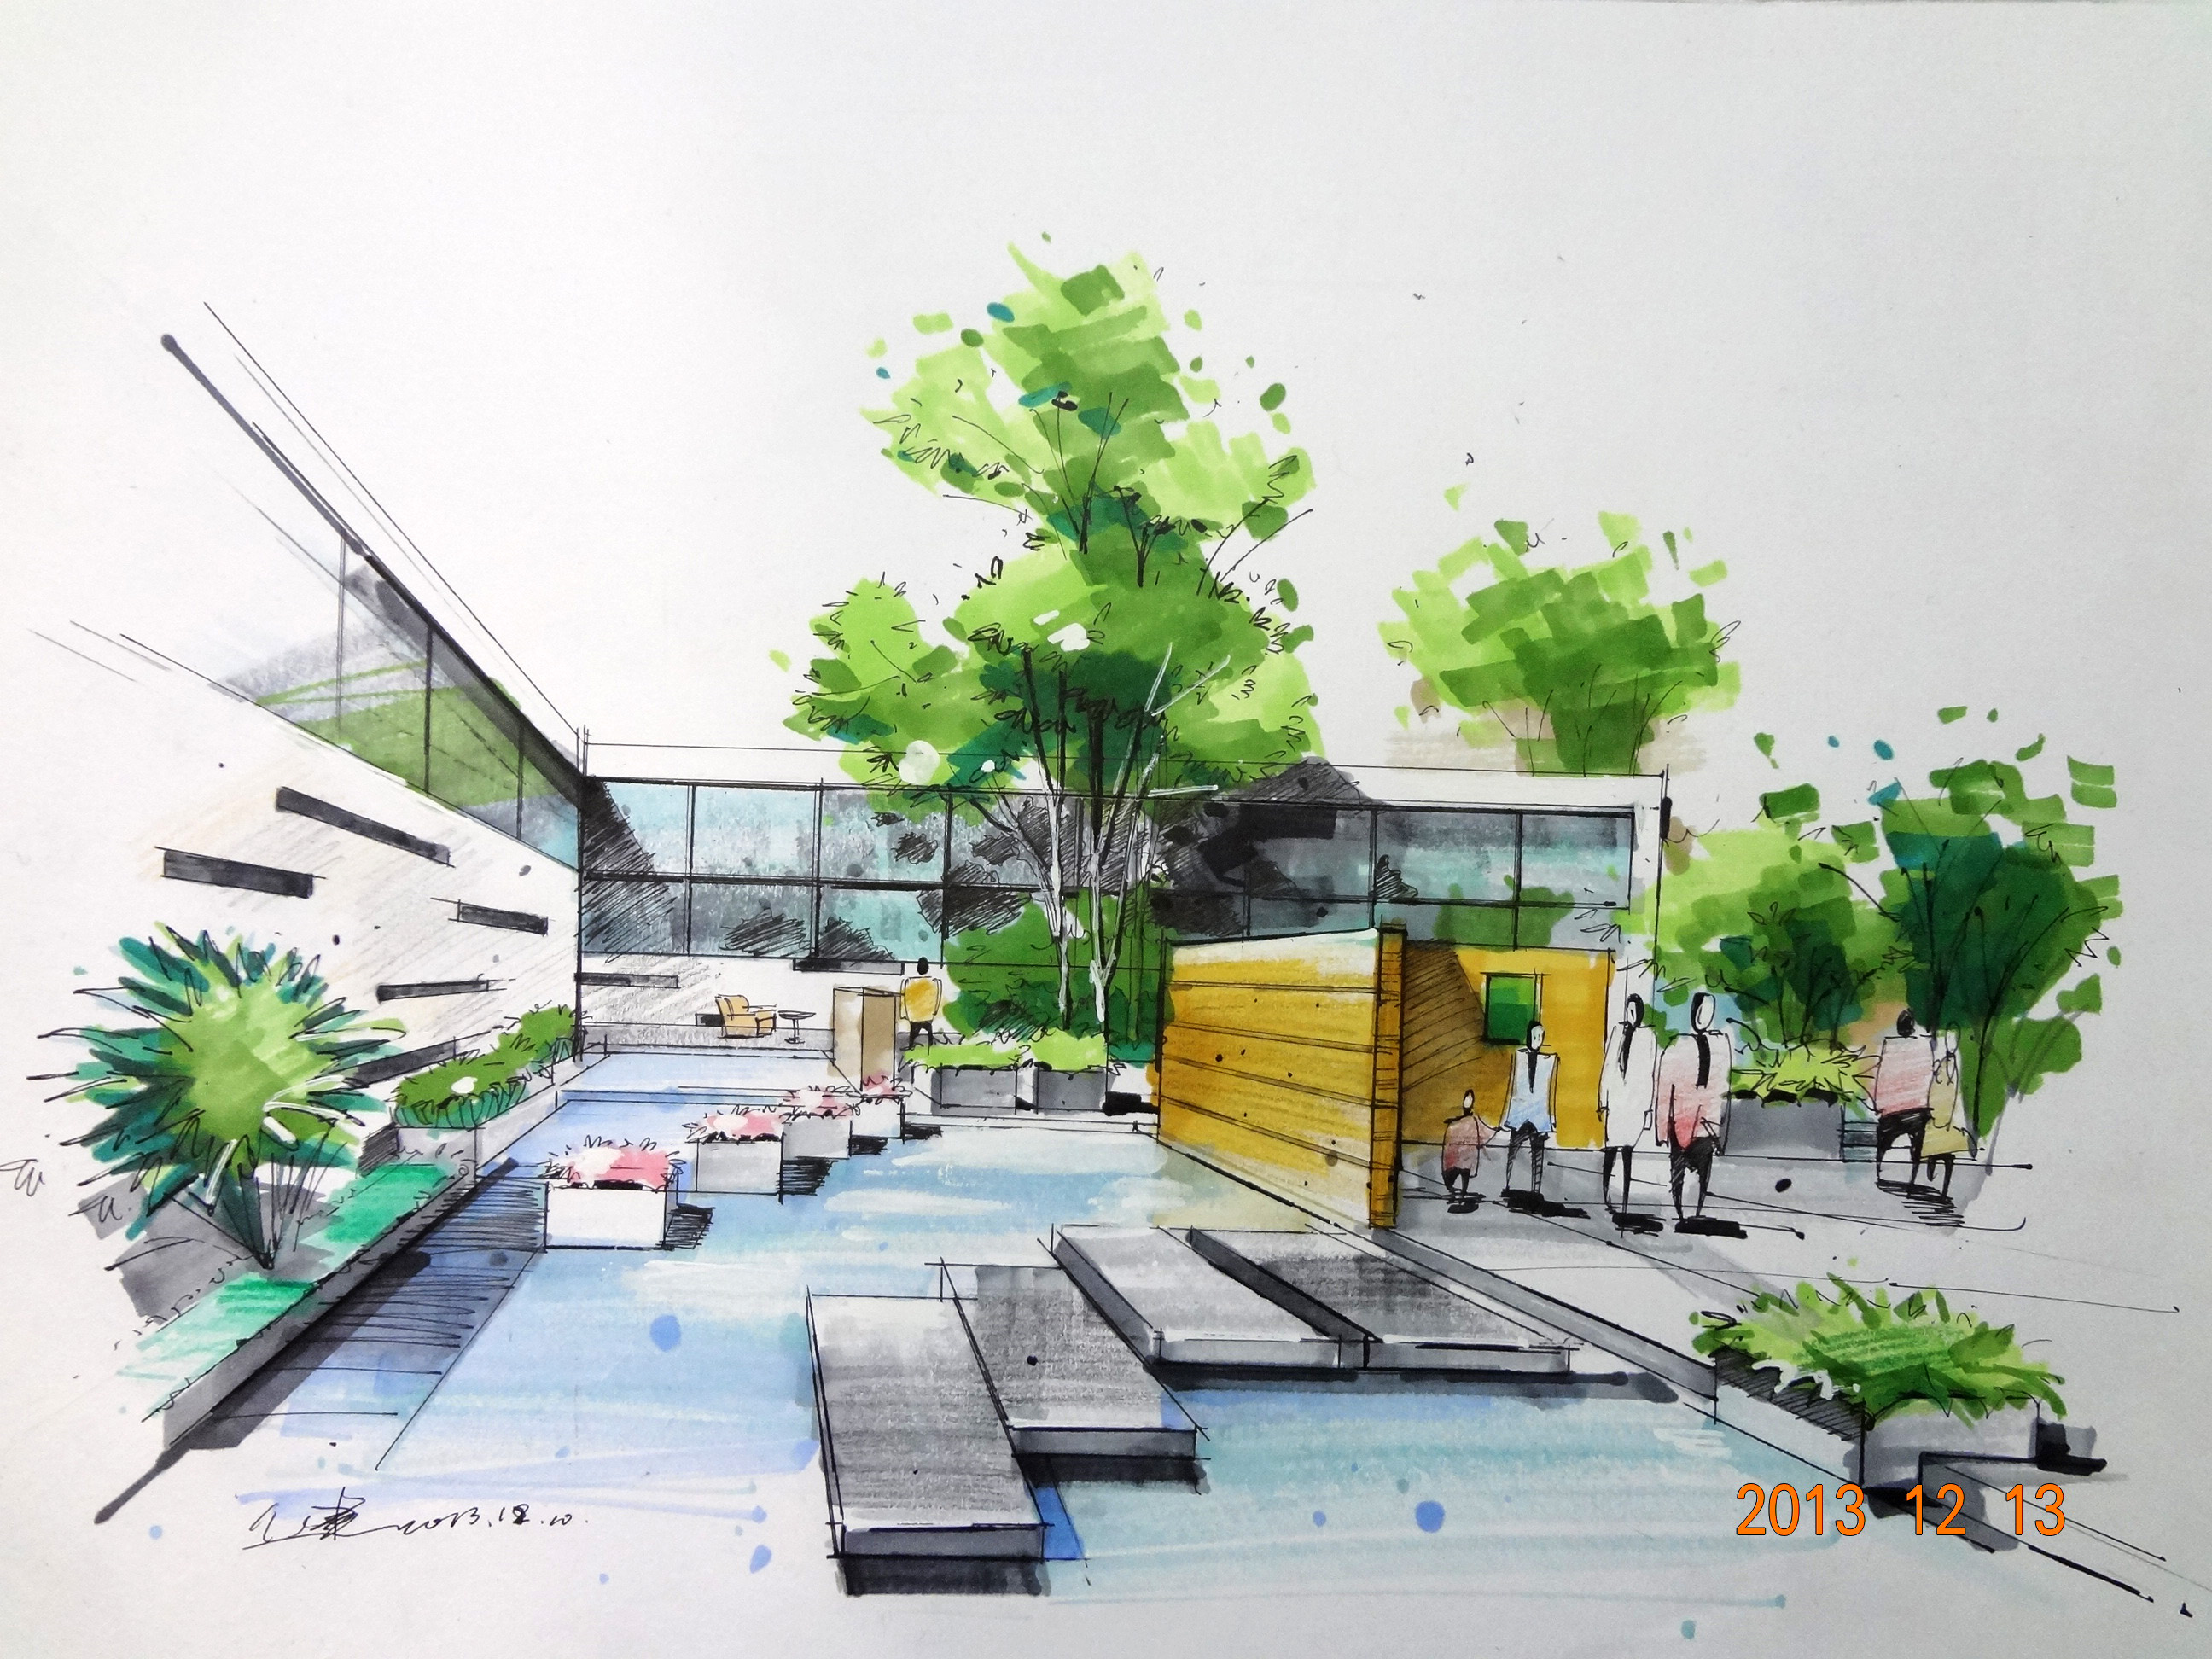 中华室内设计网 作品中心 住宅空间 家装设计 > 骆健作品